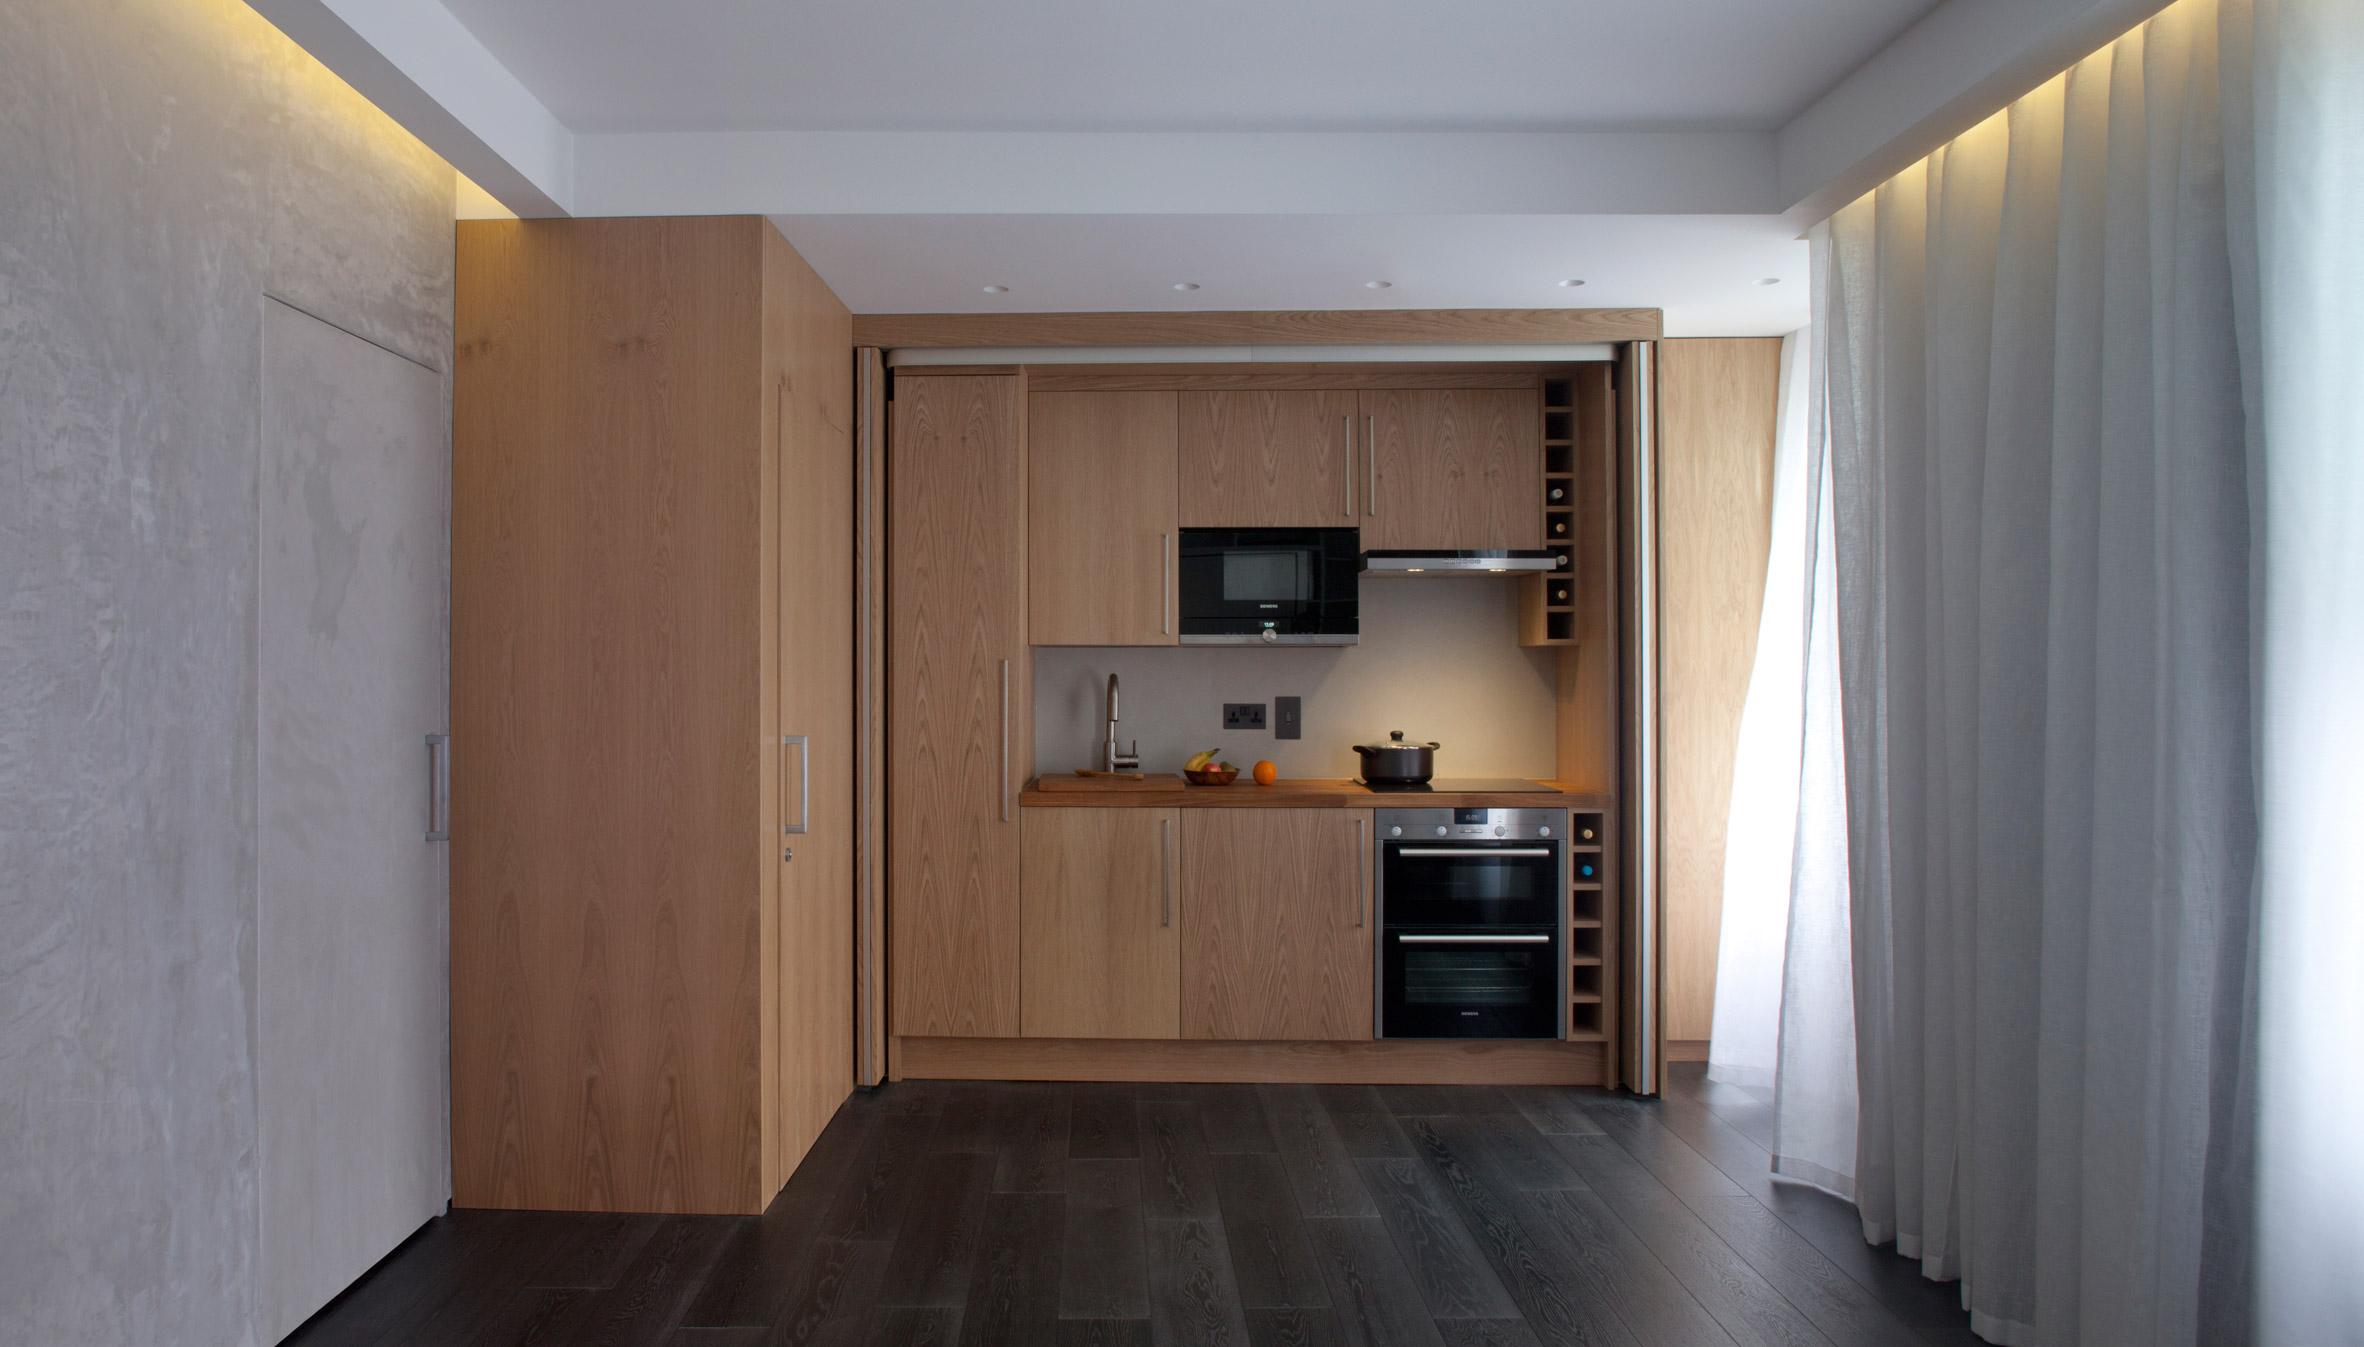 Фото дизайна квартиры студии 26 кв.м